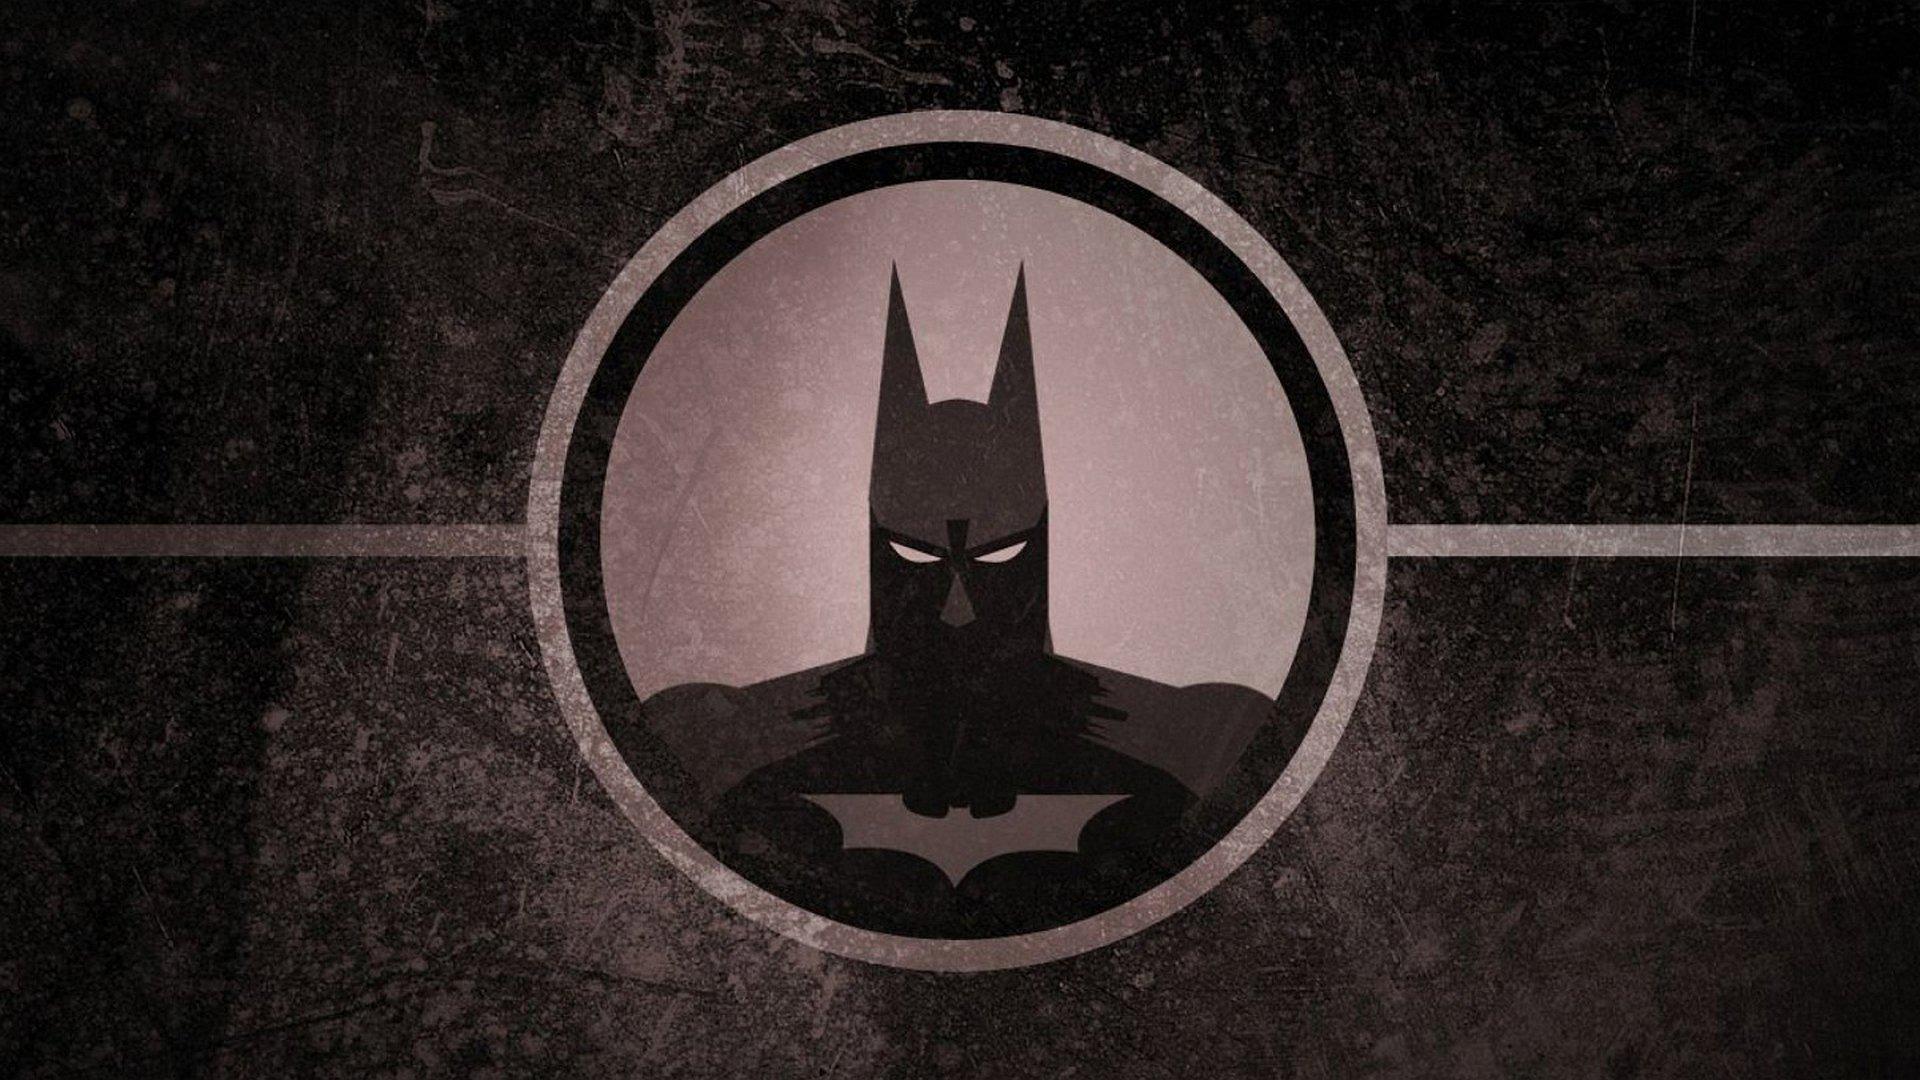 batman hd wallpaper, batman wallpaper comic